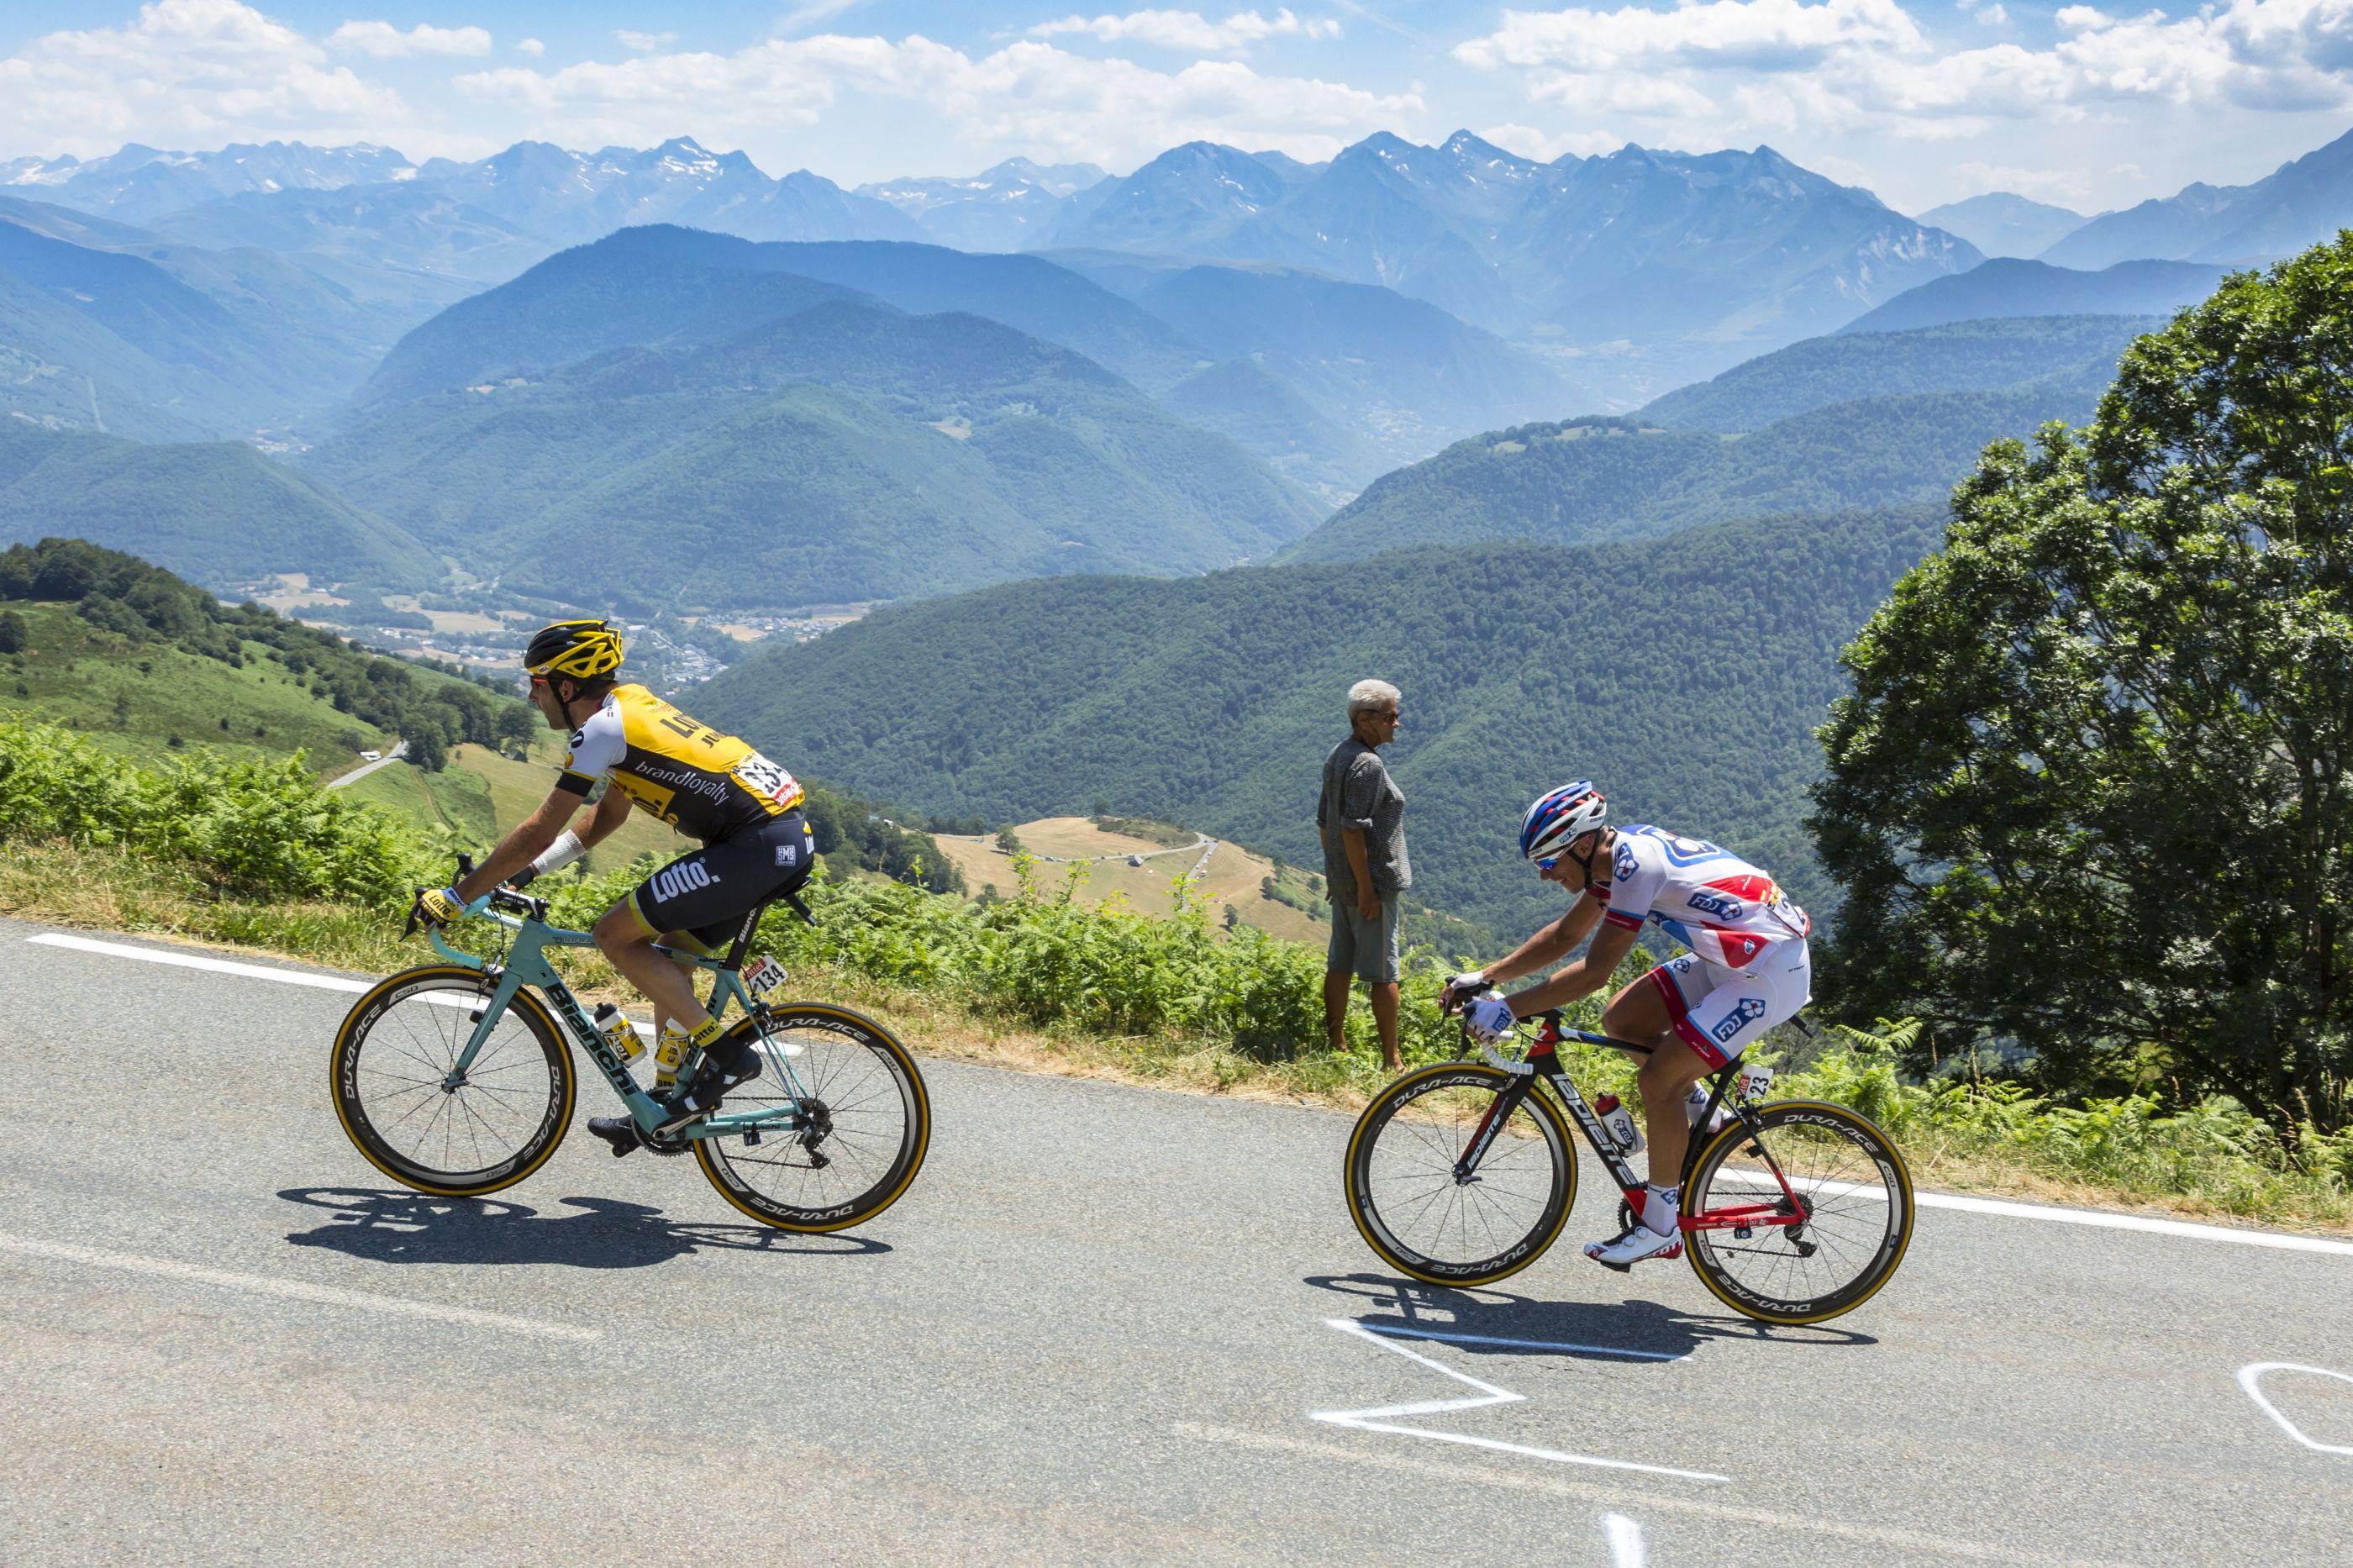 Volta da França: conheça os belos locais por onde os ciclistas passam